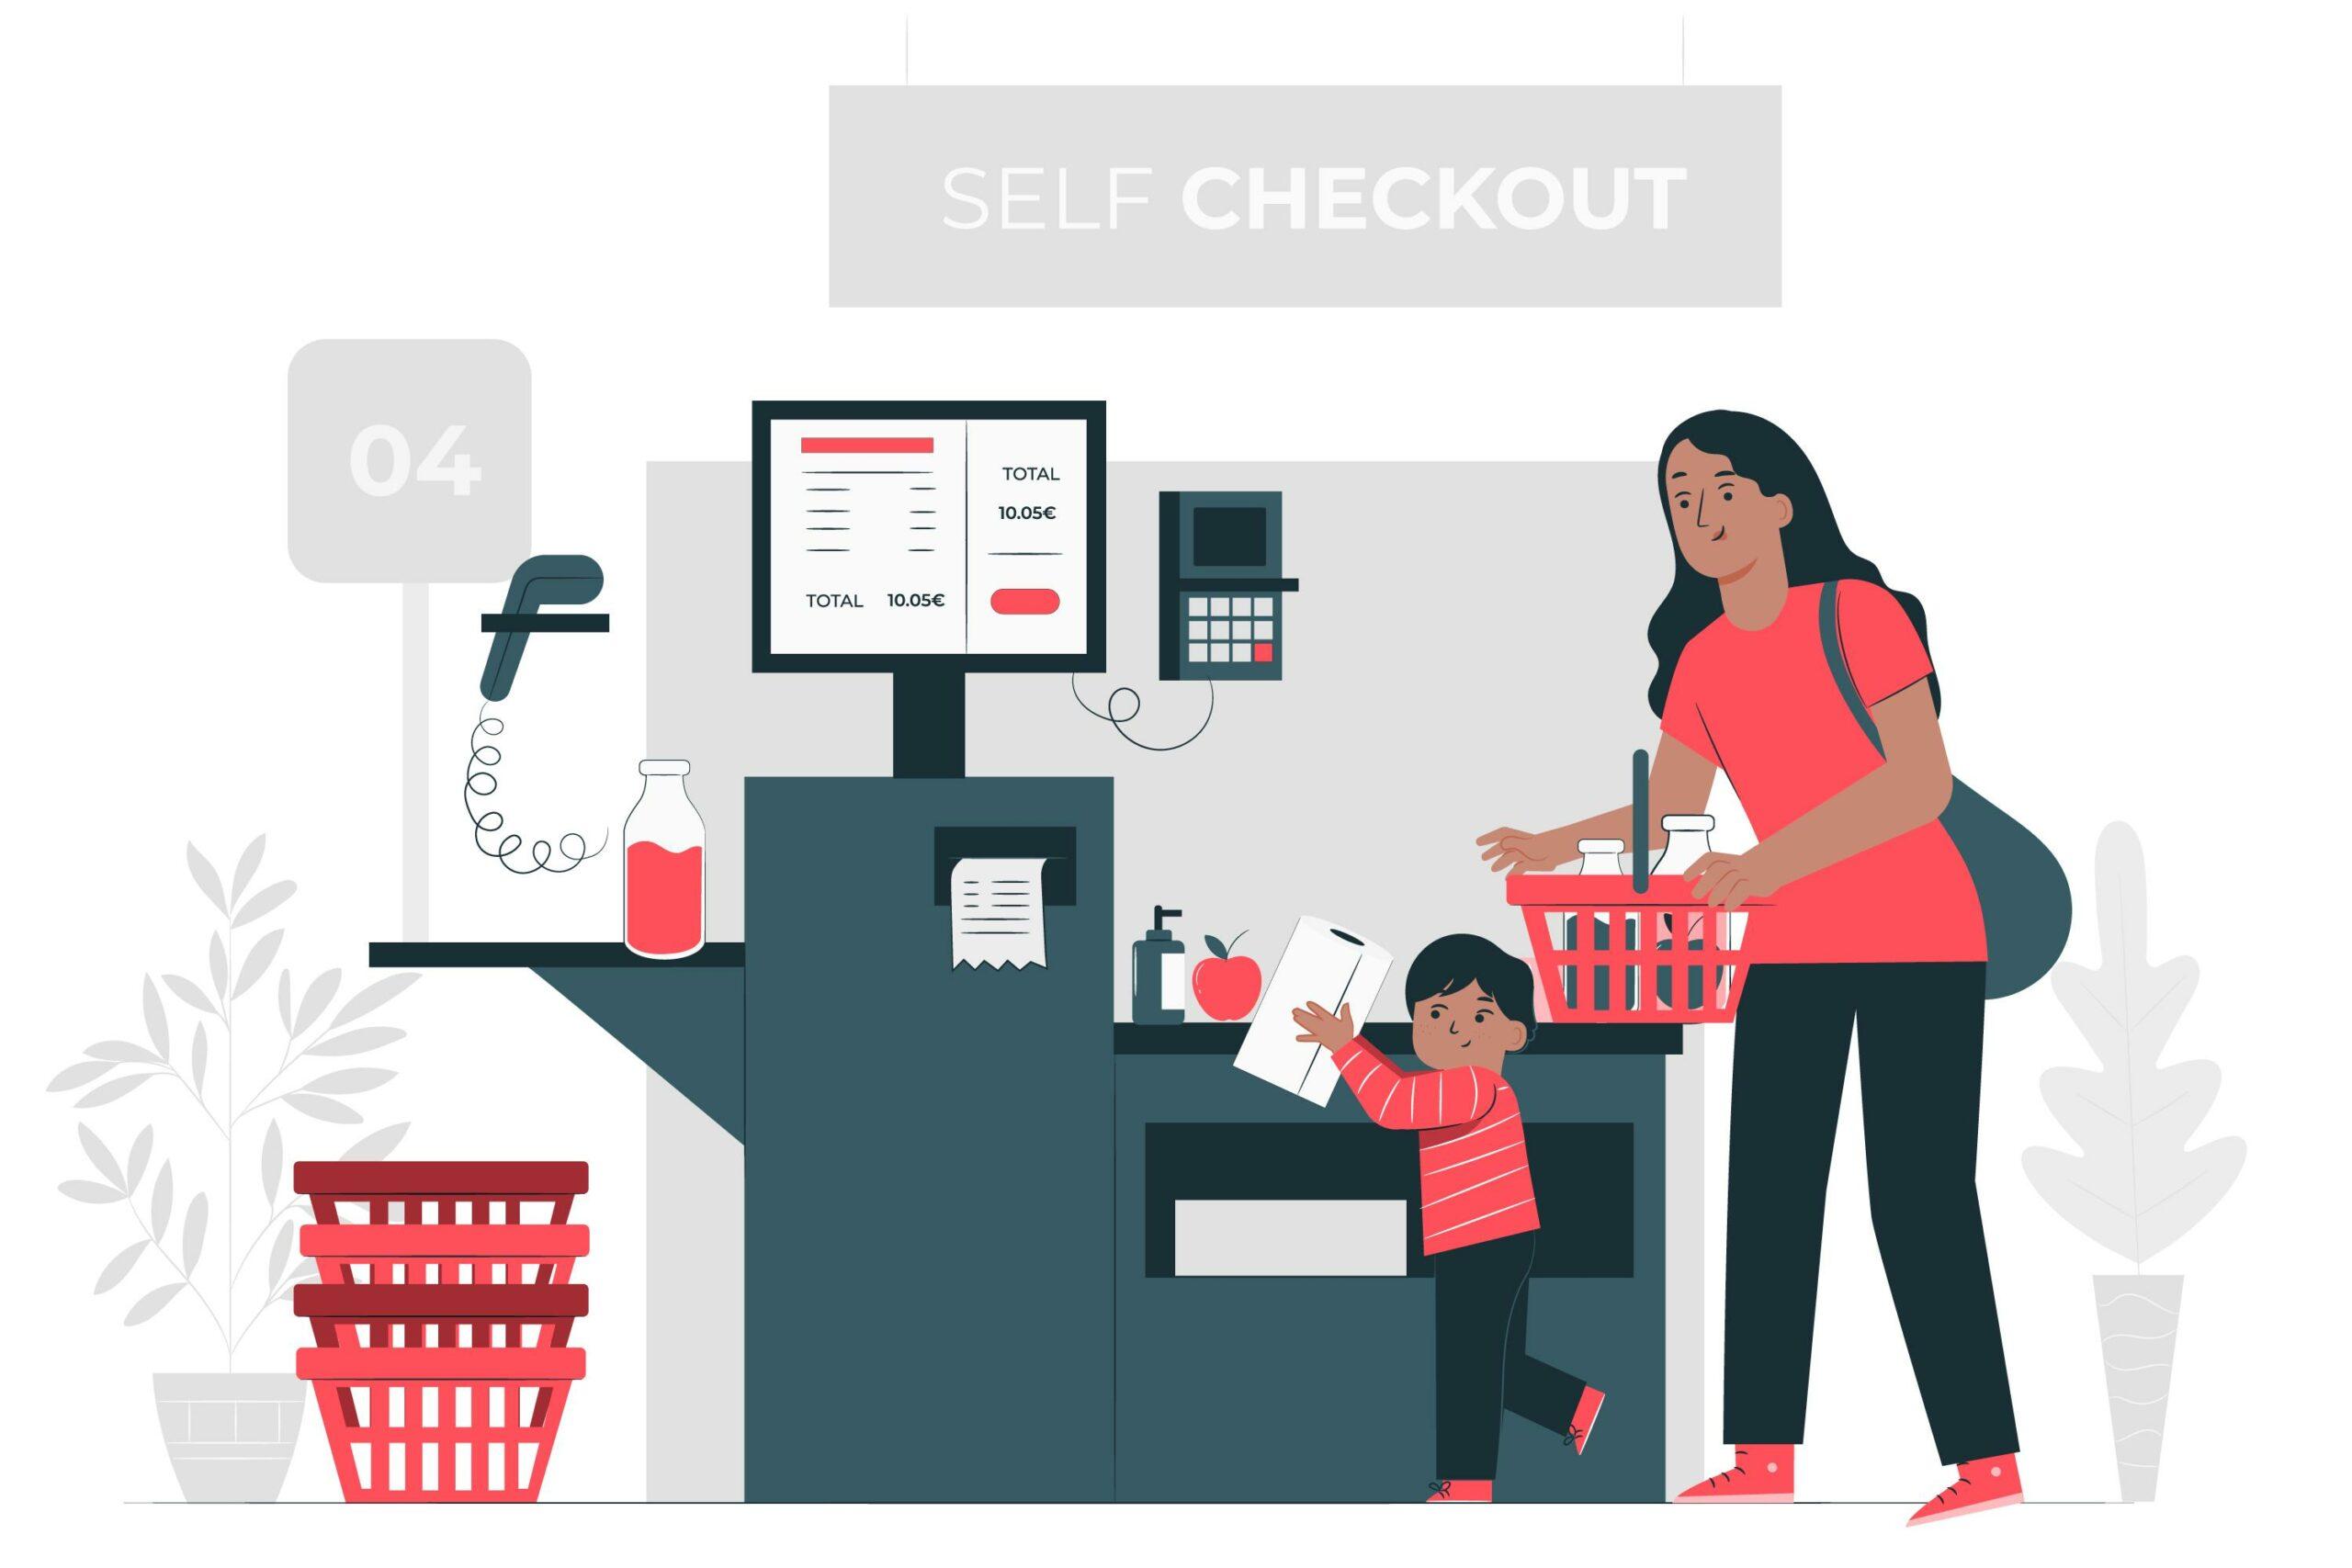 Self-checkout